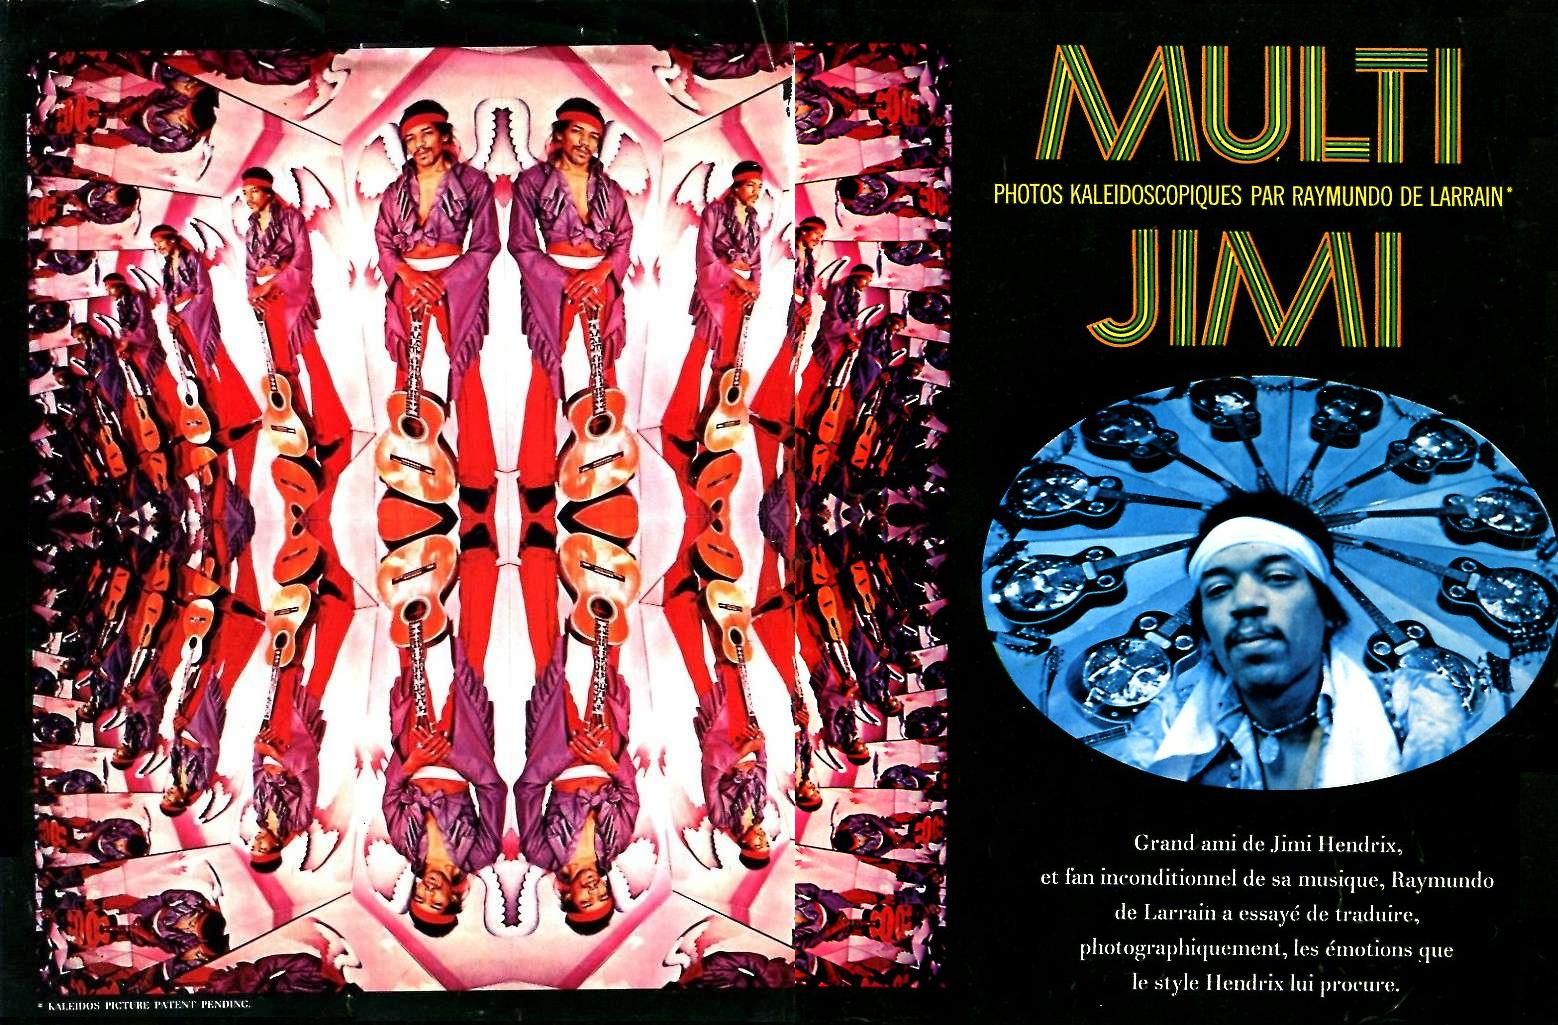 Jimi Hendrix dans la presse musicale française des années 60, 70 & 80 - Page 2 539102slc21810